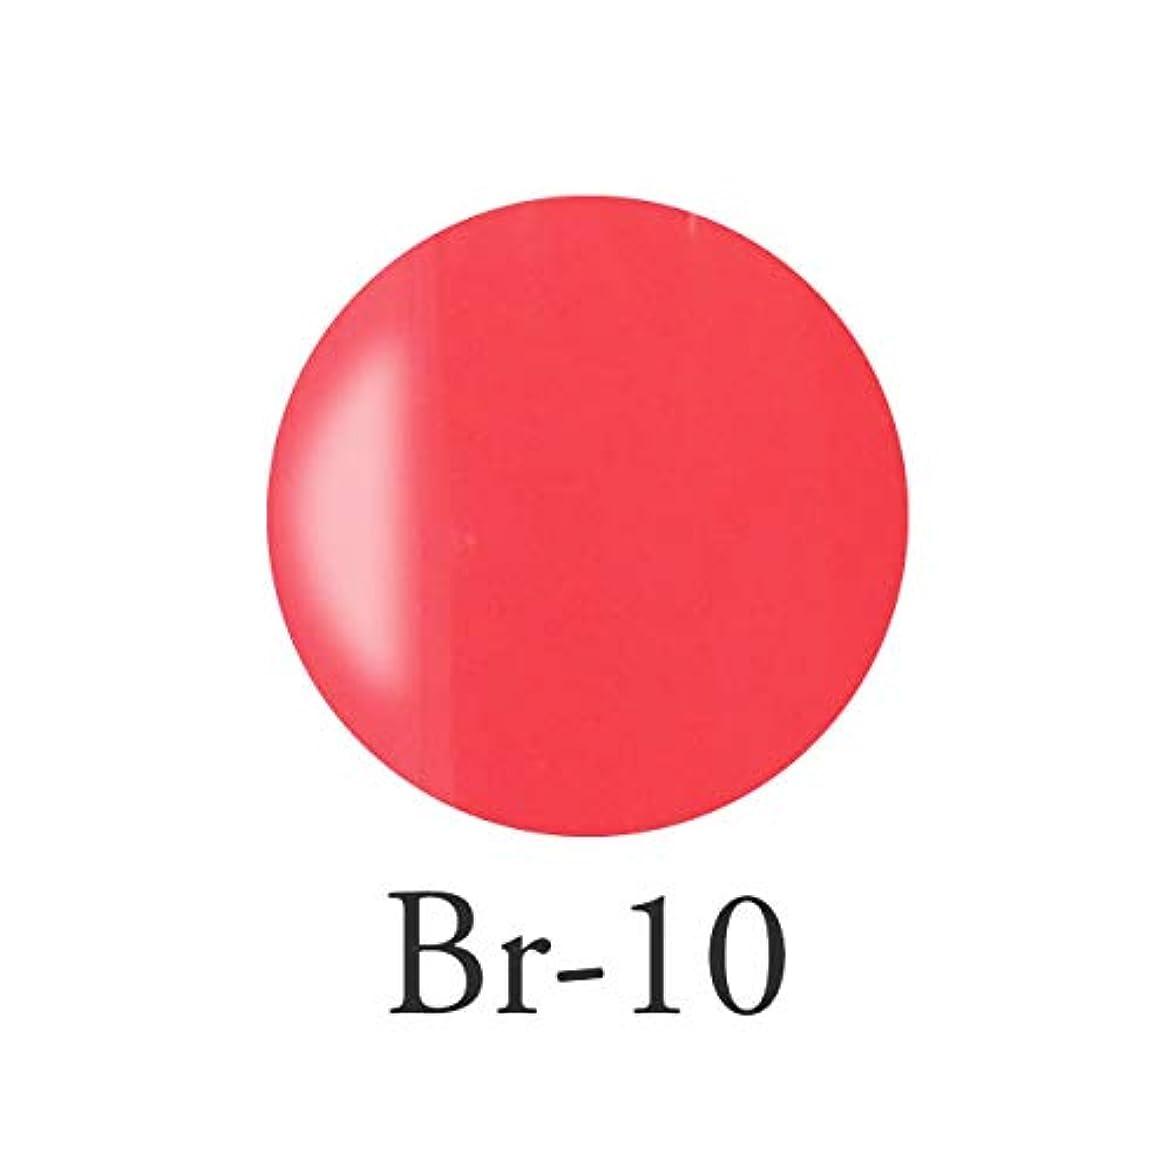 十分こっそり効率的エンジェル クィーンカラージェル カミーユピンク Br-10 3g